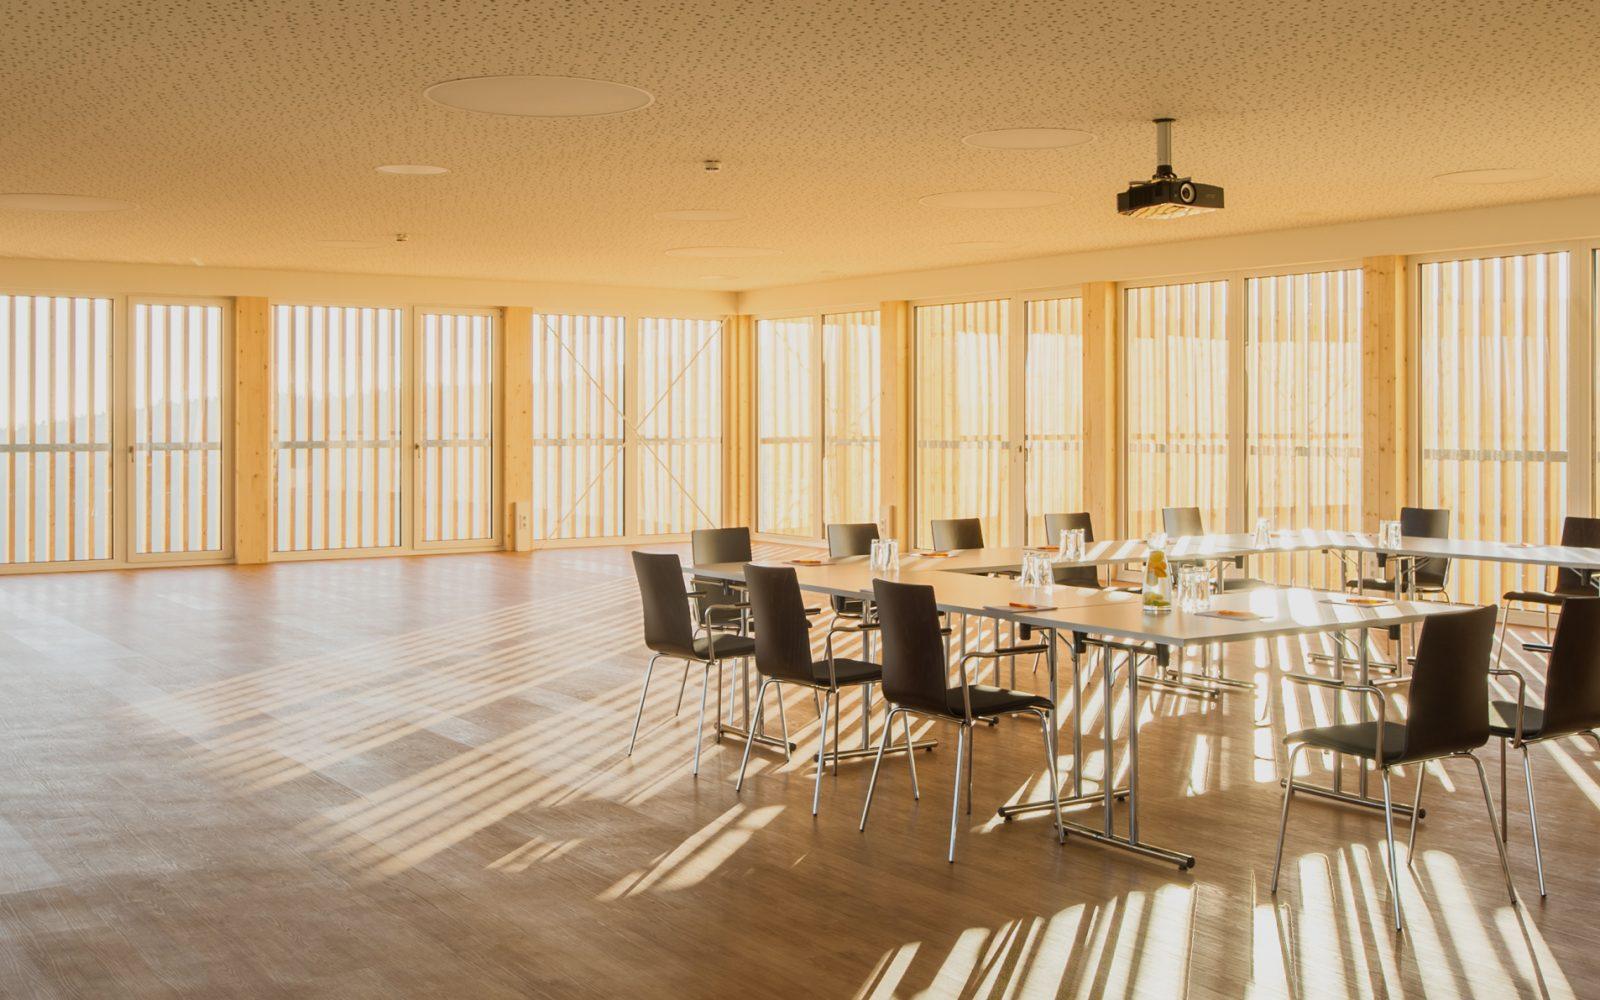 Ansicht von Innen unseres Seminarhotels im Mühlviertel - Hotel Alpenblick